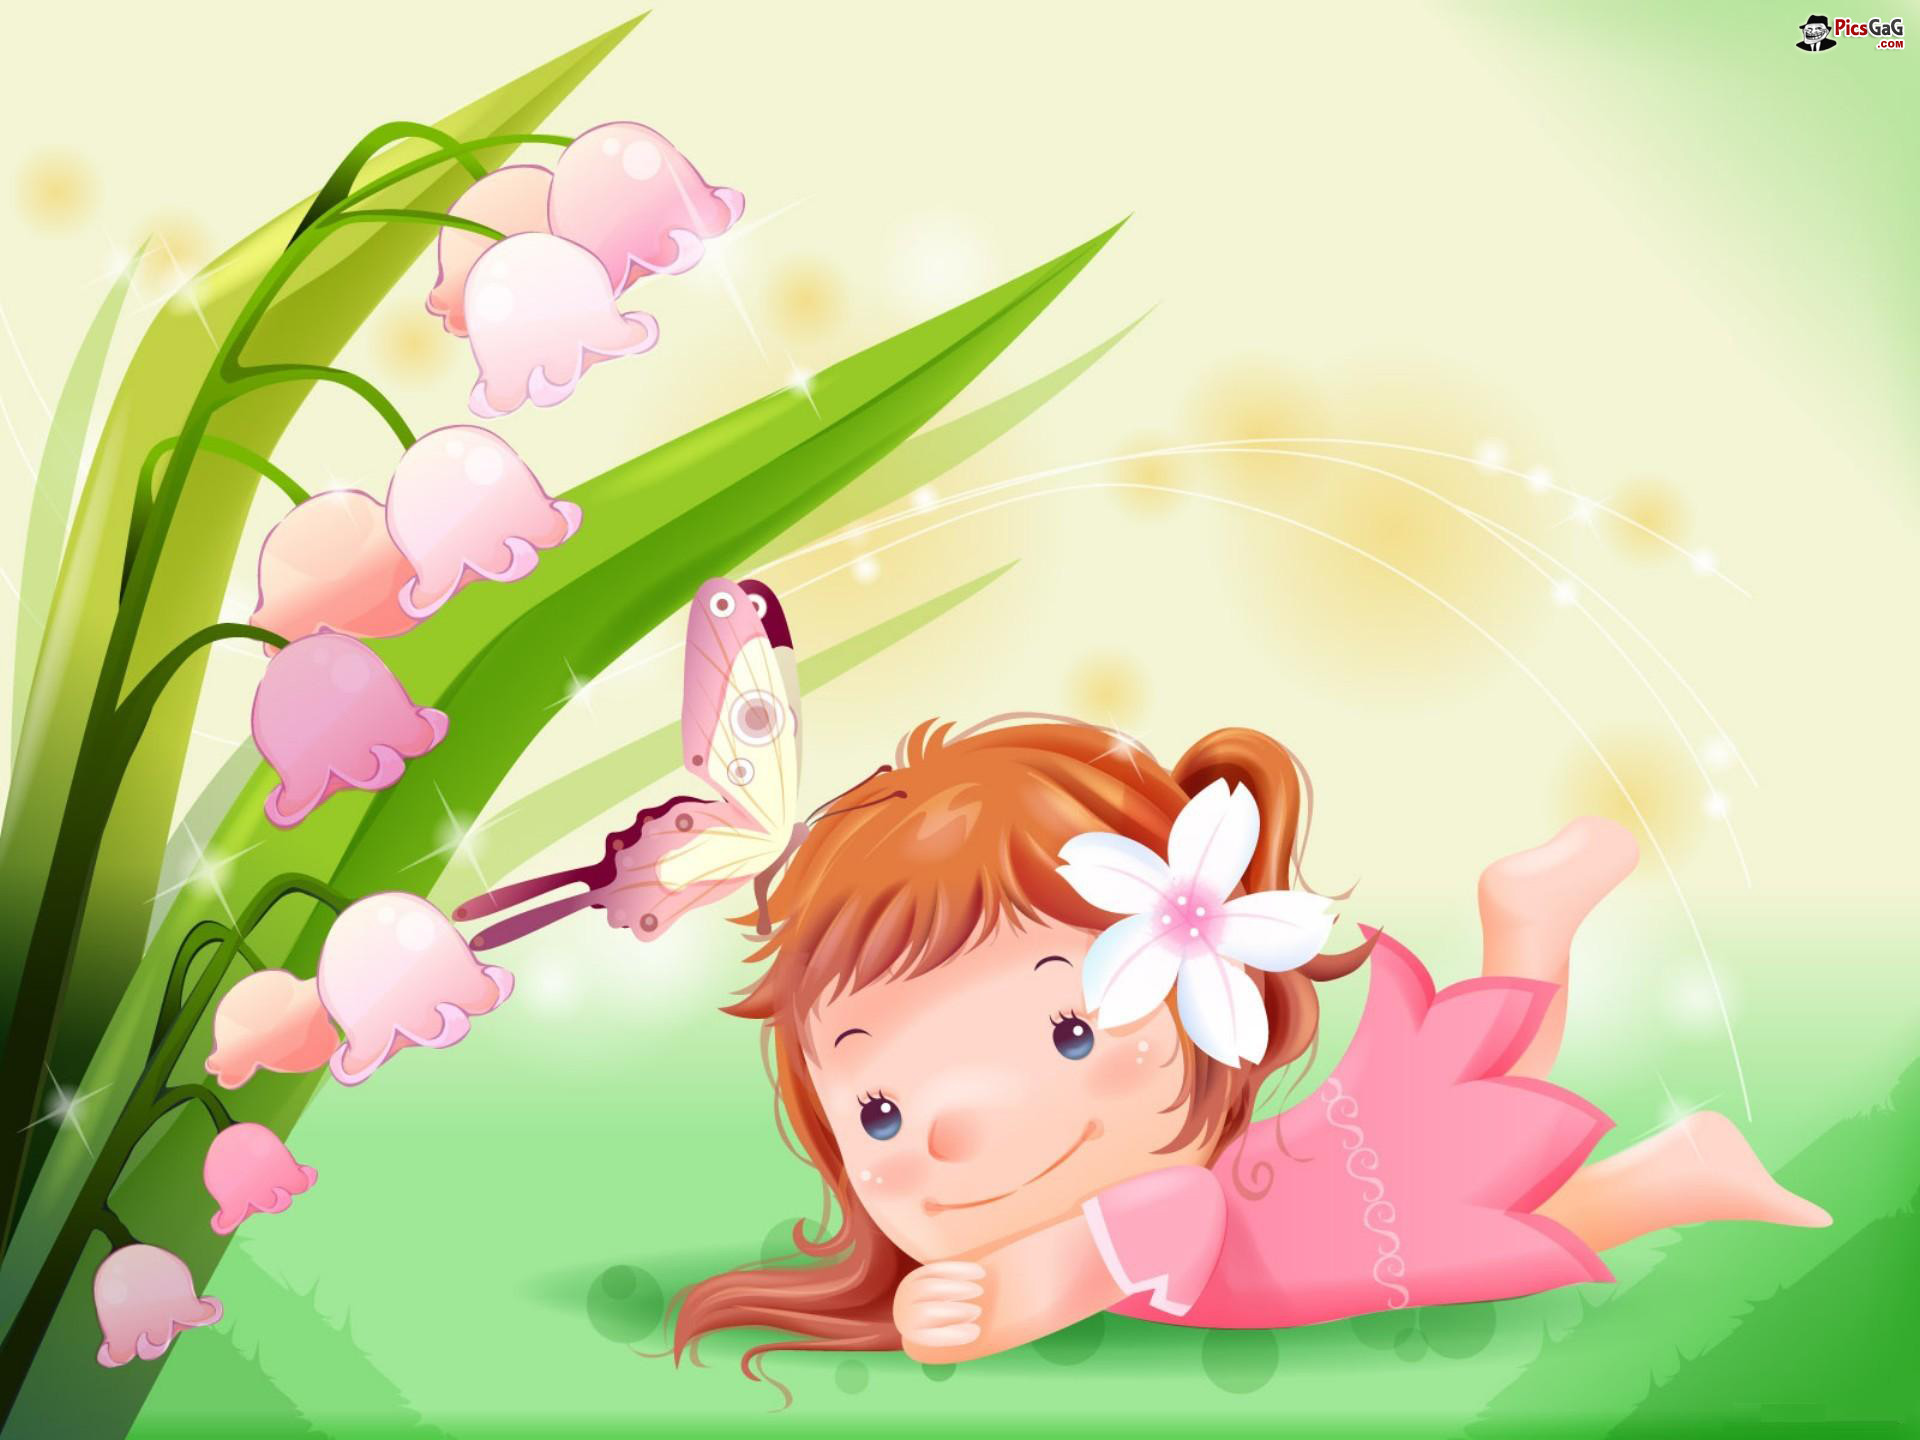 Cute Cartoon Girls Wallpaper